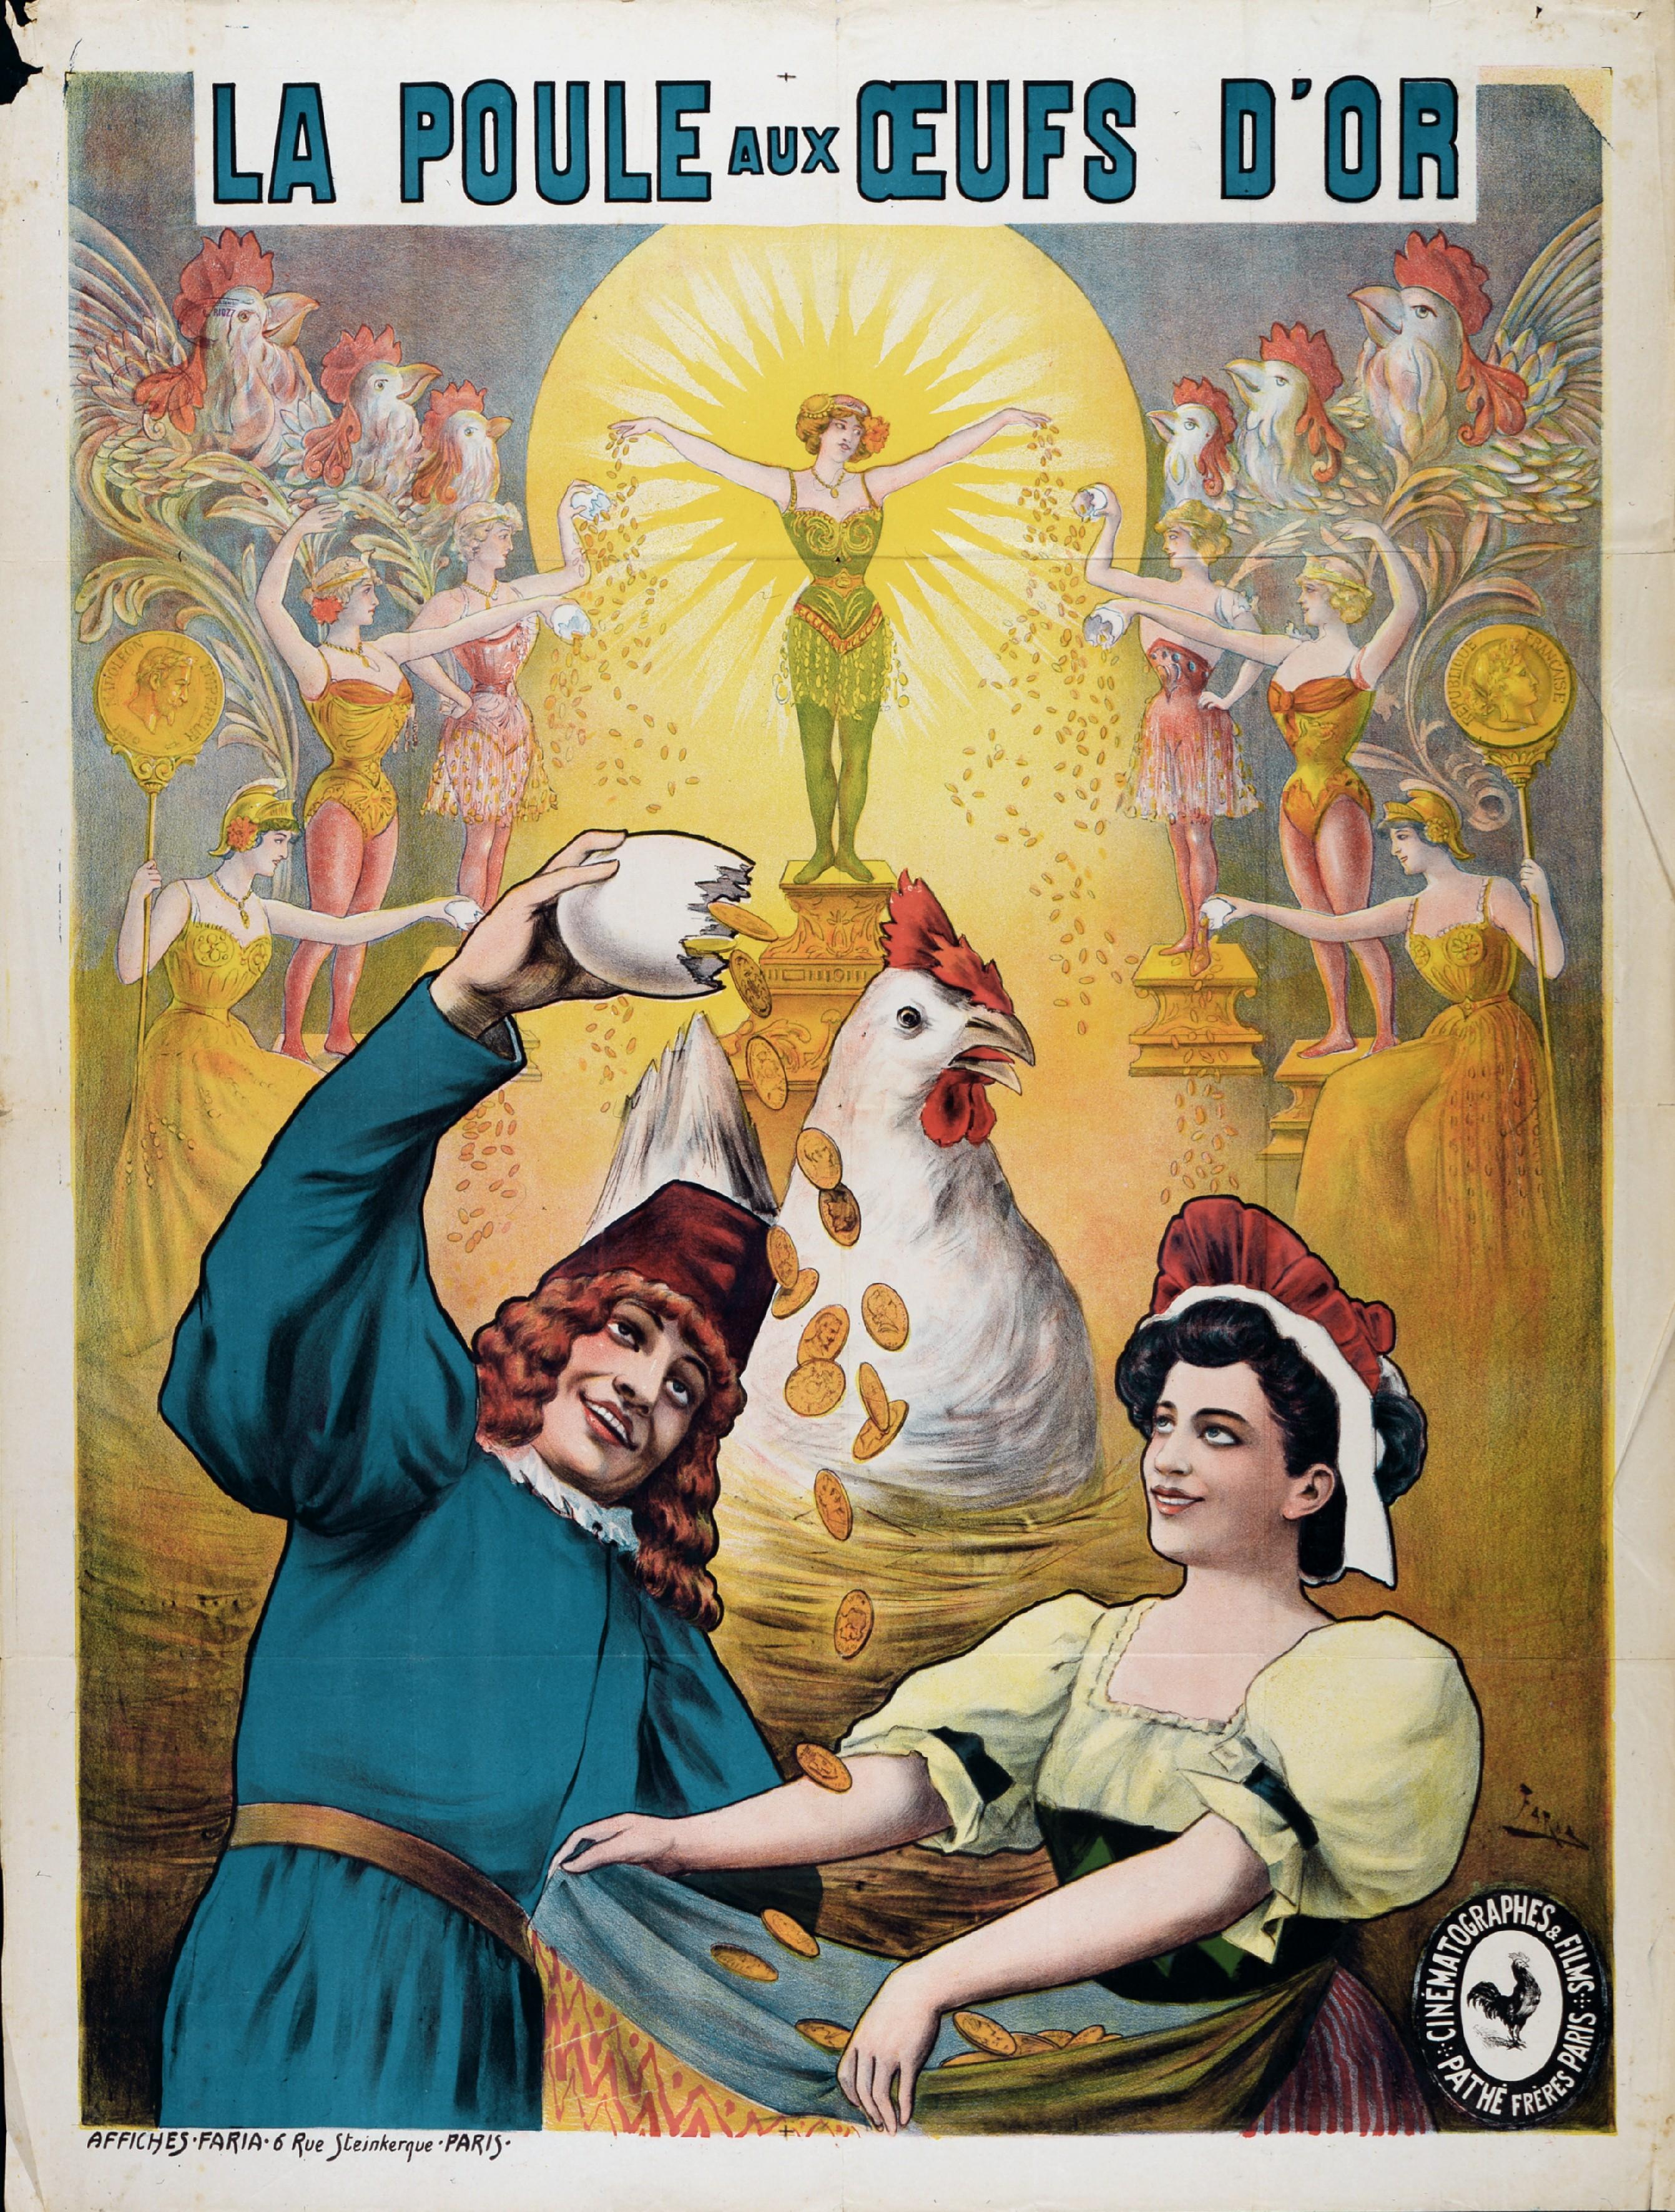 Poule aux oeufs d'or - Cândido de Faria - 1905